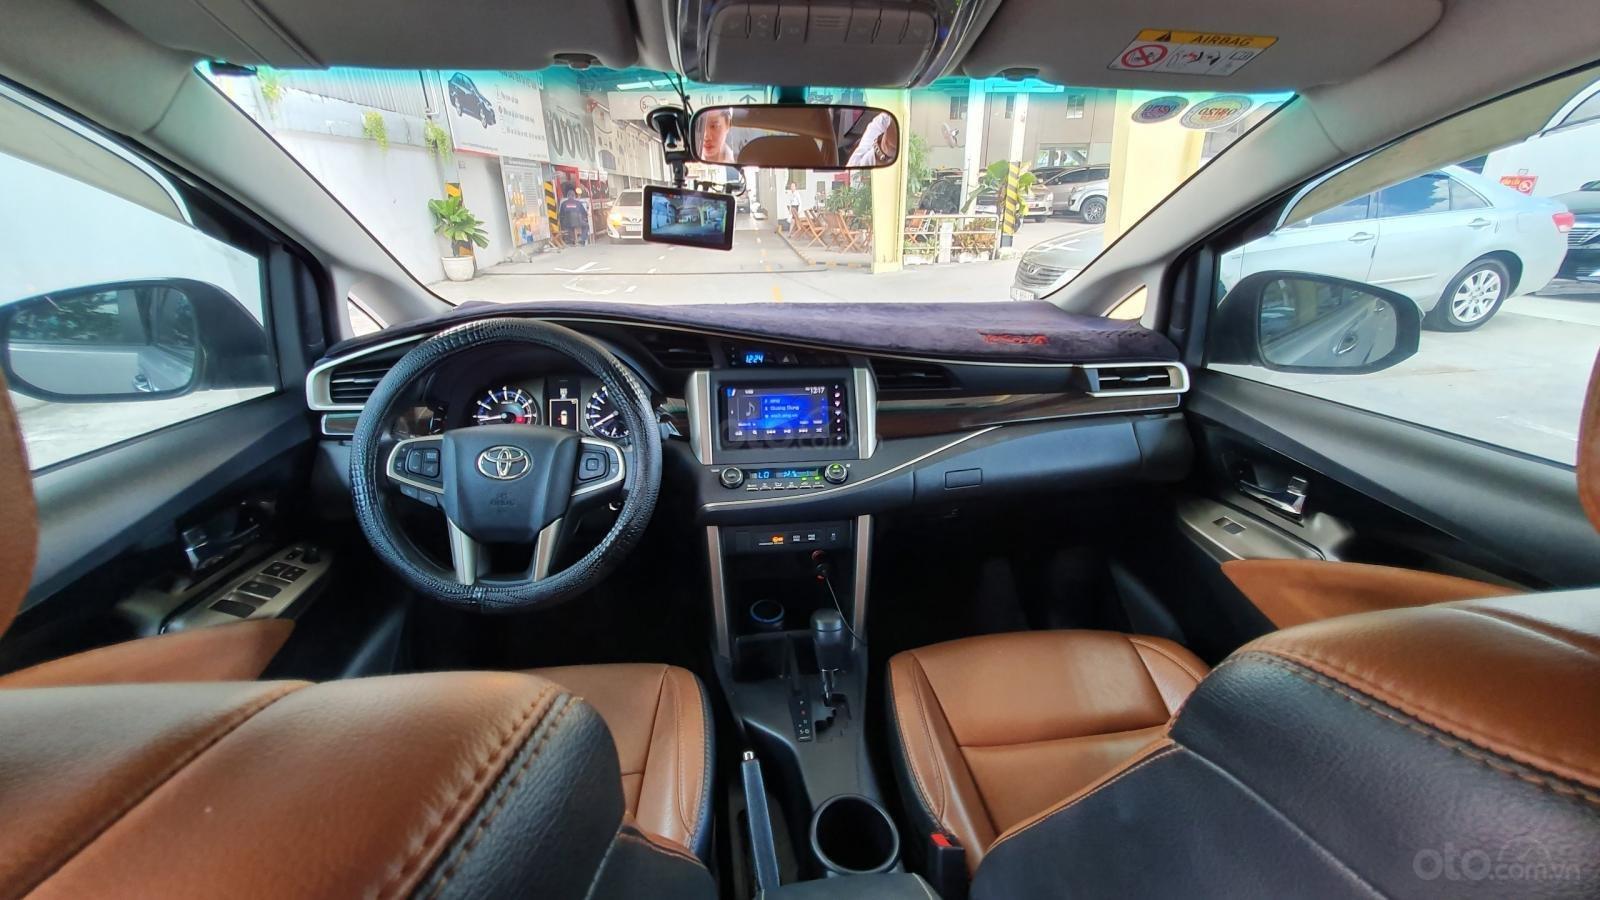 Giảm siêu giảm xe đẹp Innova G 2018 số tự động, màu bạc, hỗ trợ vay (4)